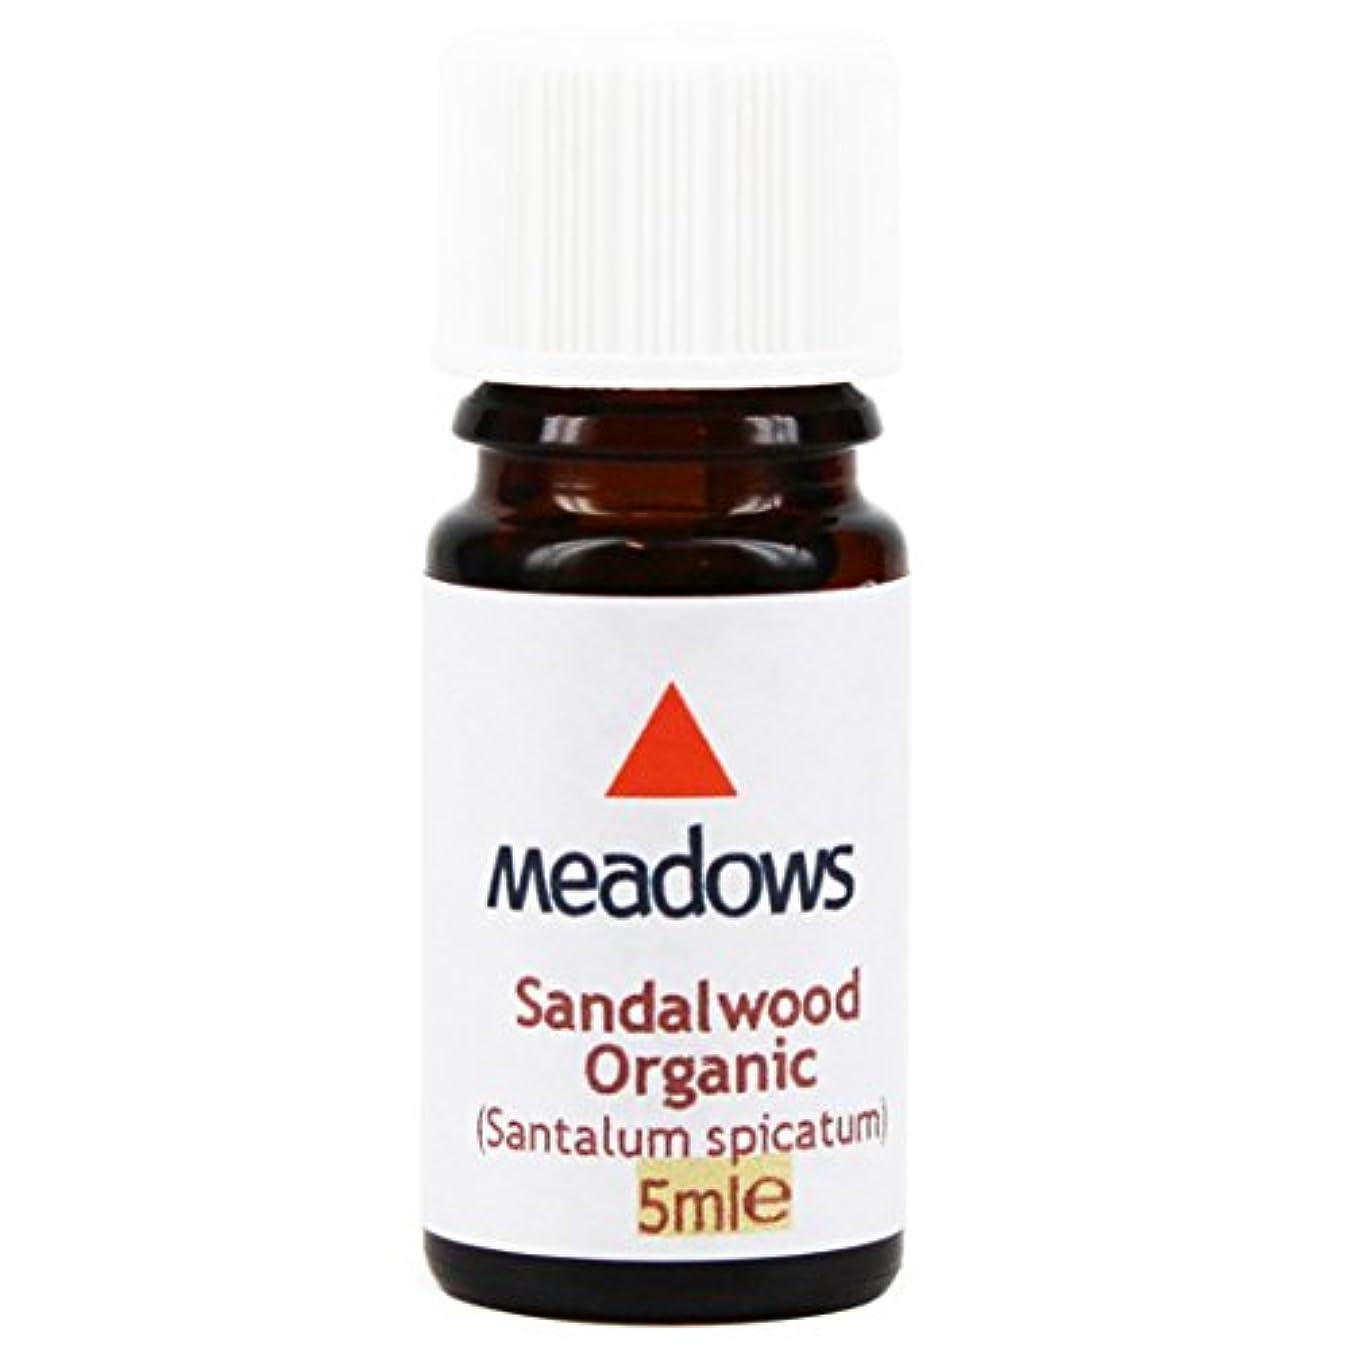 メドウズ エッセンシャルオイル サンダルウッド 5ml